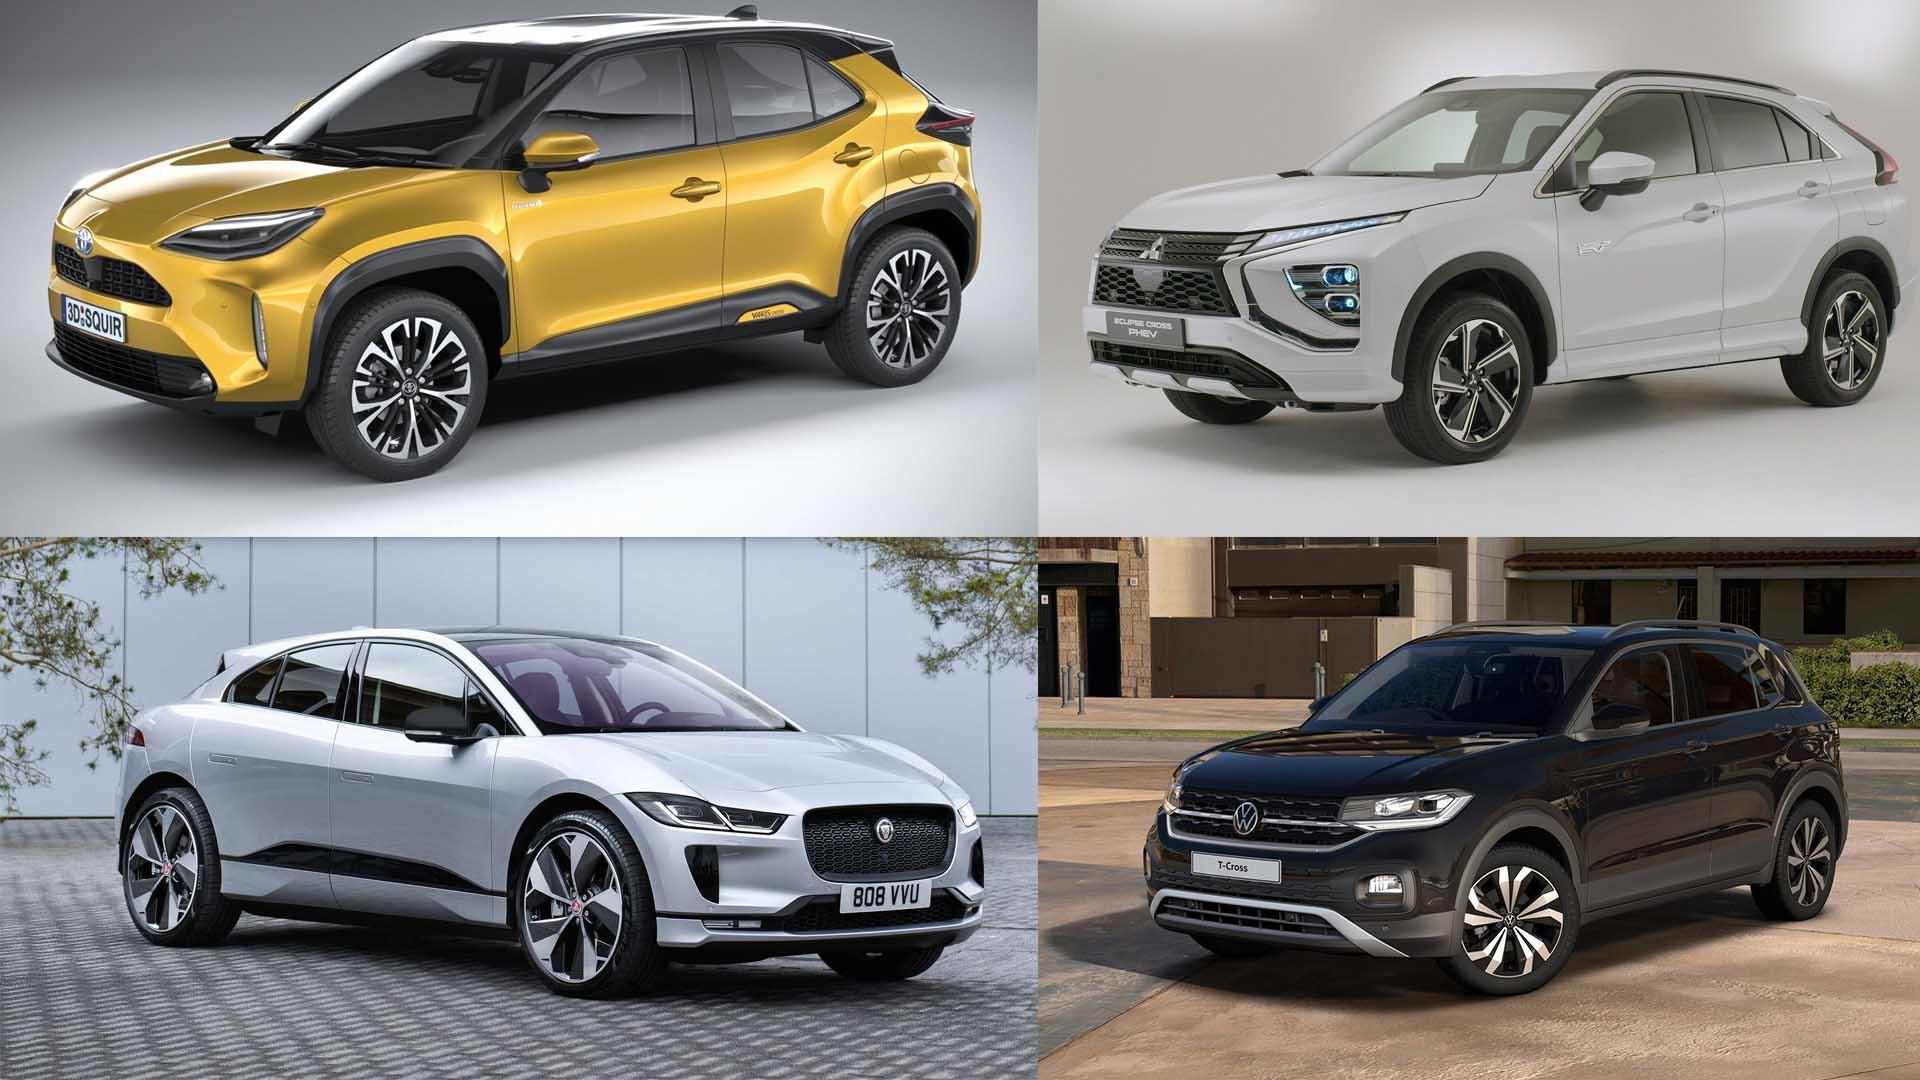 Estos son los nuevos modelos SUV que llegan al mercado español